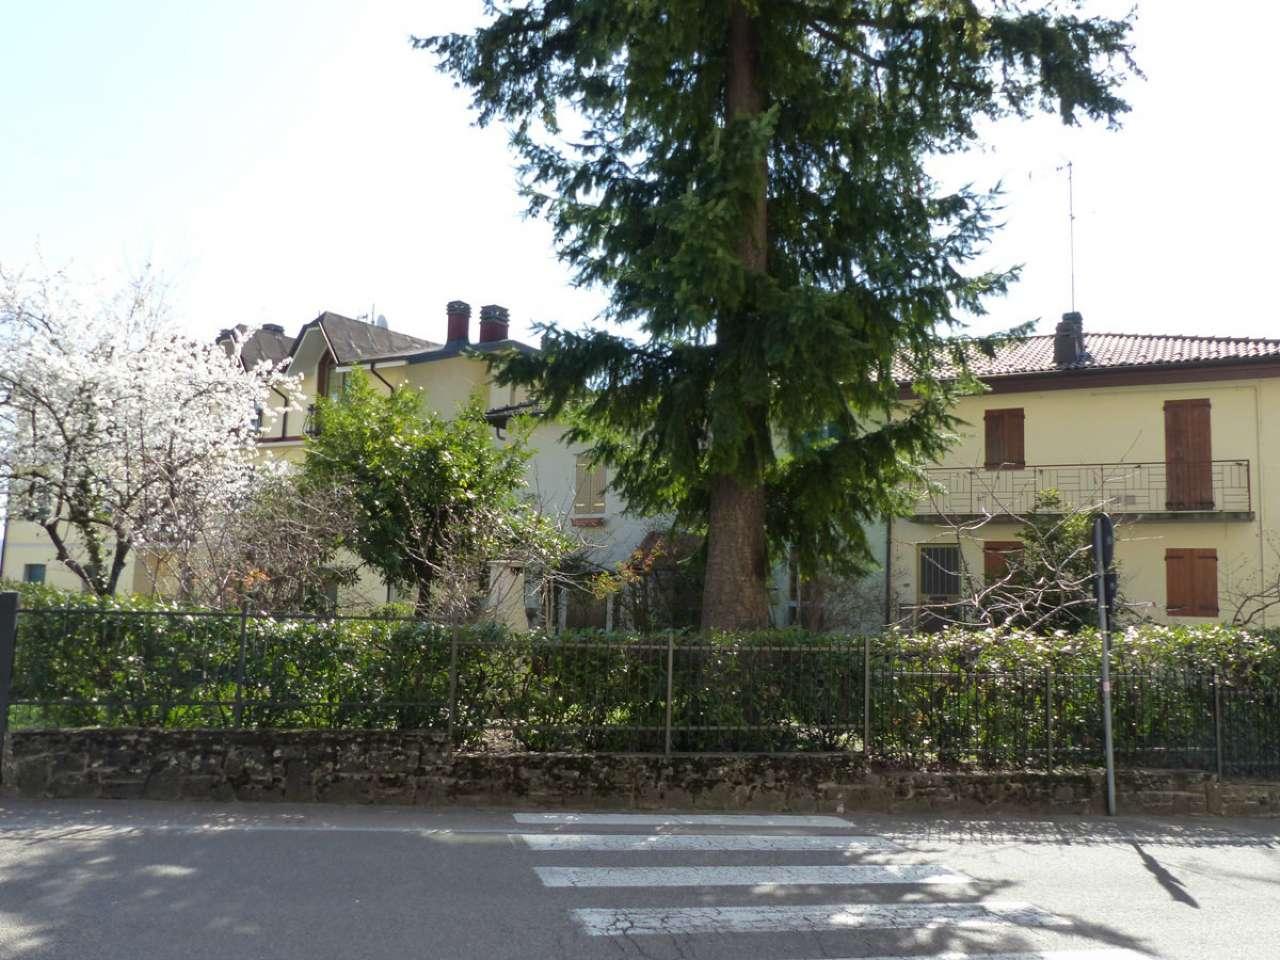 Lizzano in Belvedere Vendita PORZIONE DI CASA Immagine 1